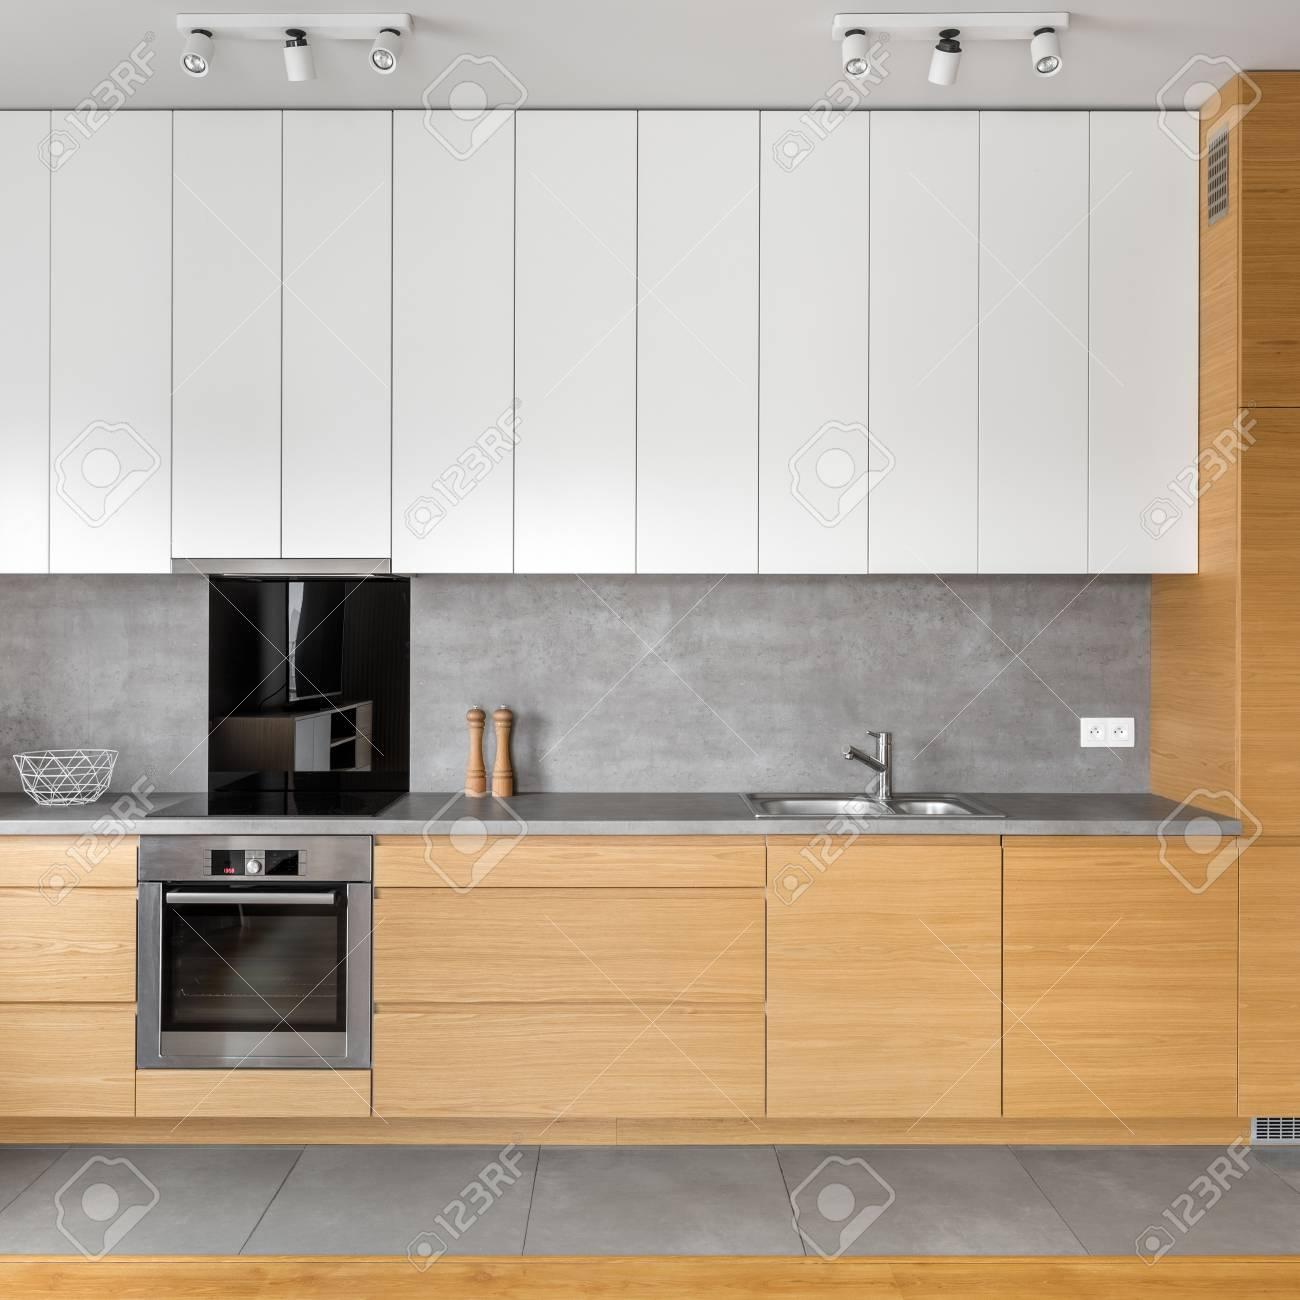 Moderne Küche Mit Grauen Fliesen, Holz- Und Weißen Schränken ...